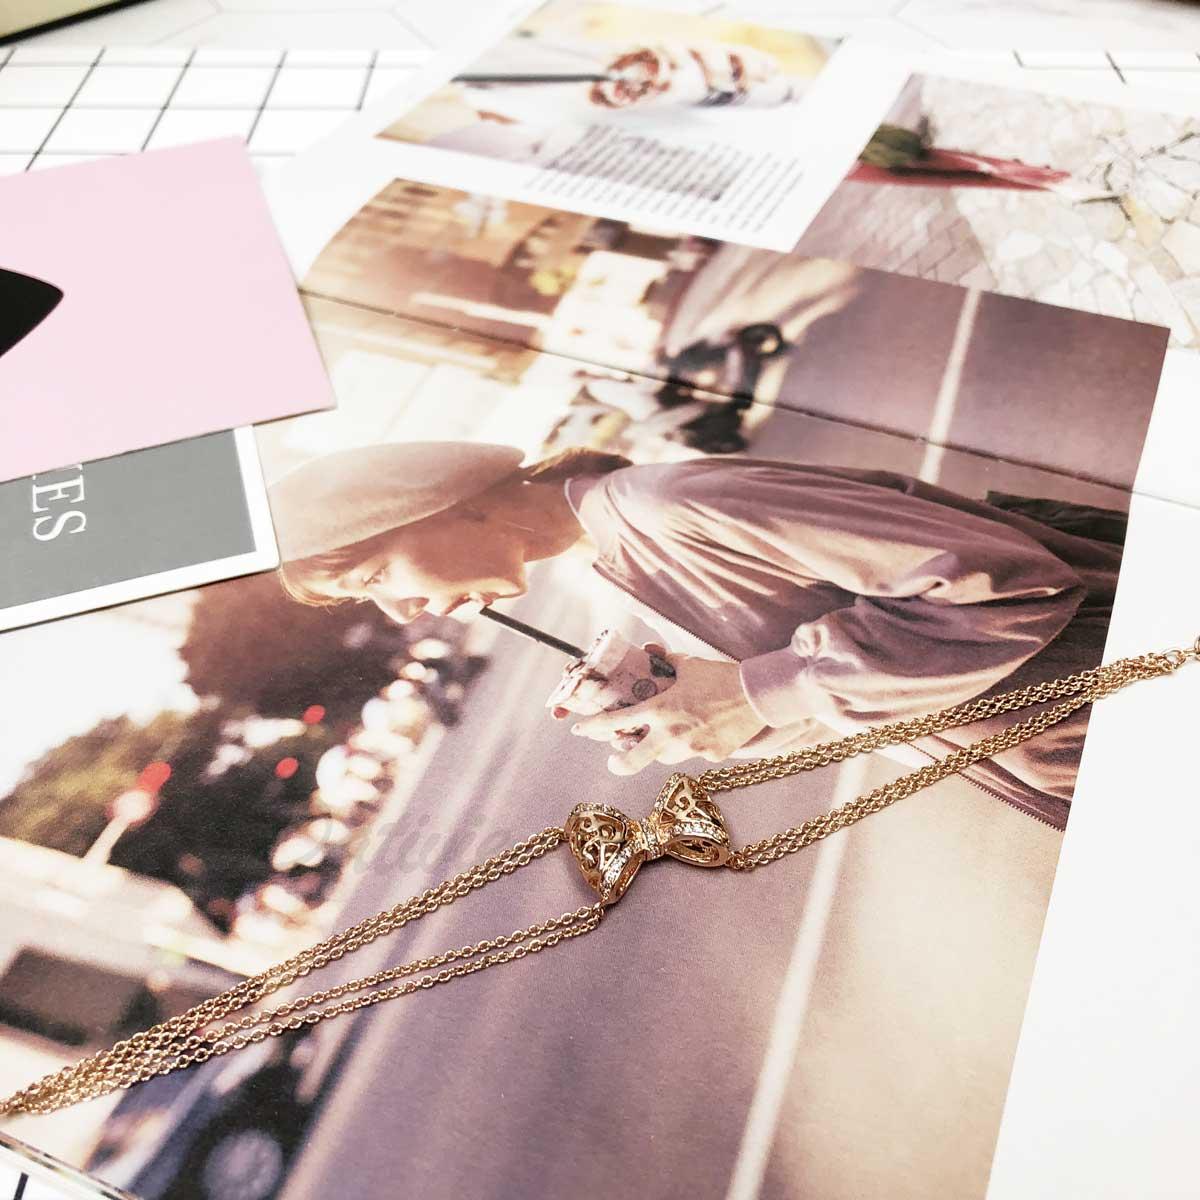 精緻 蝴蝶結 玫瑰金 鏤空 鑲鑽 立體 圖藤紋 氣質款 精緻款 手鍊 手飾